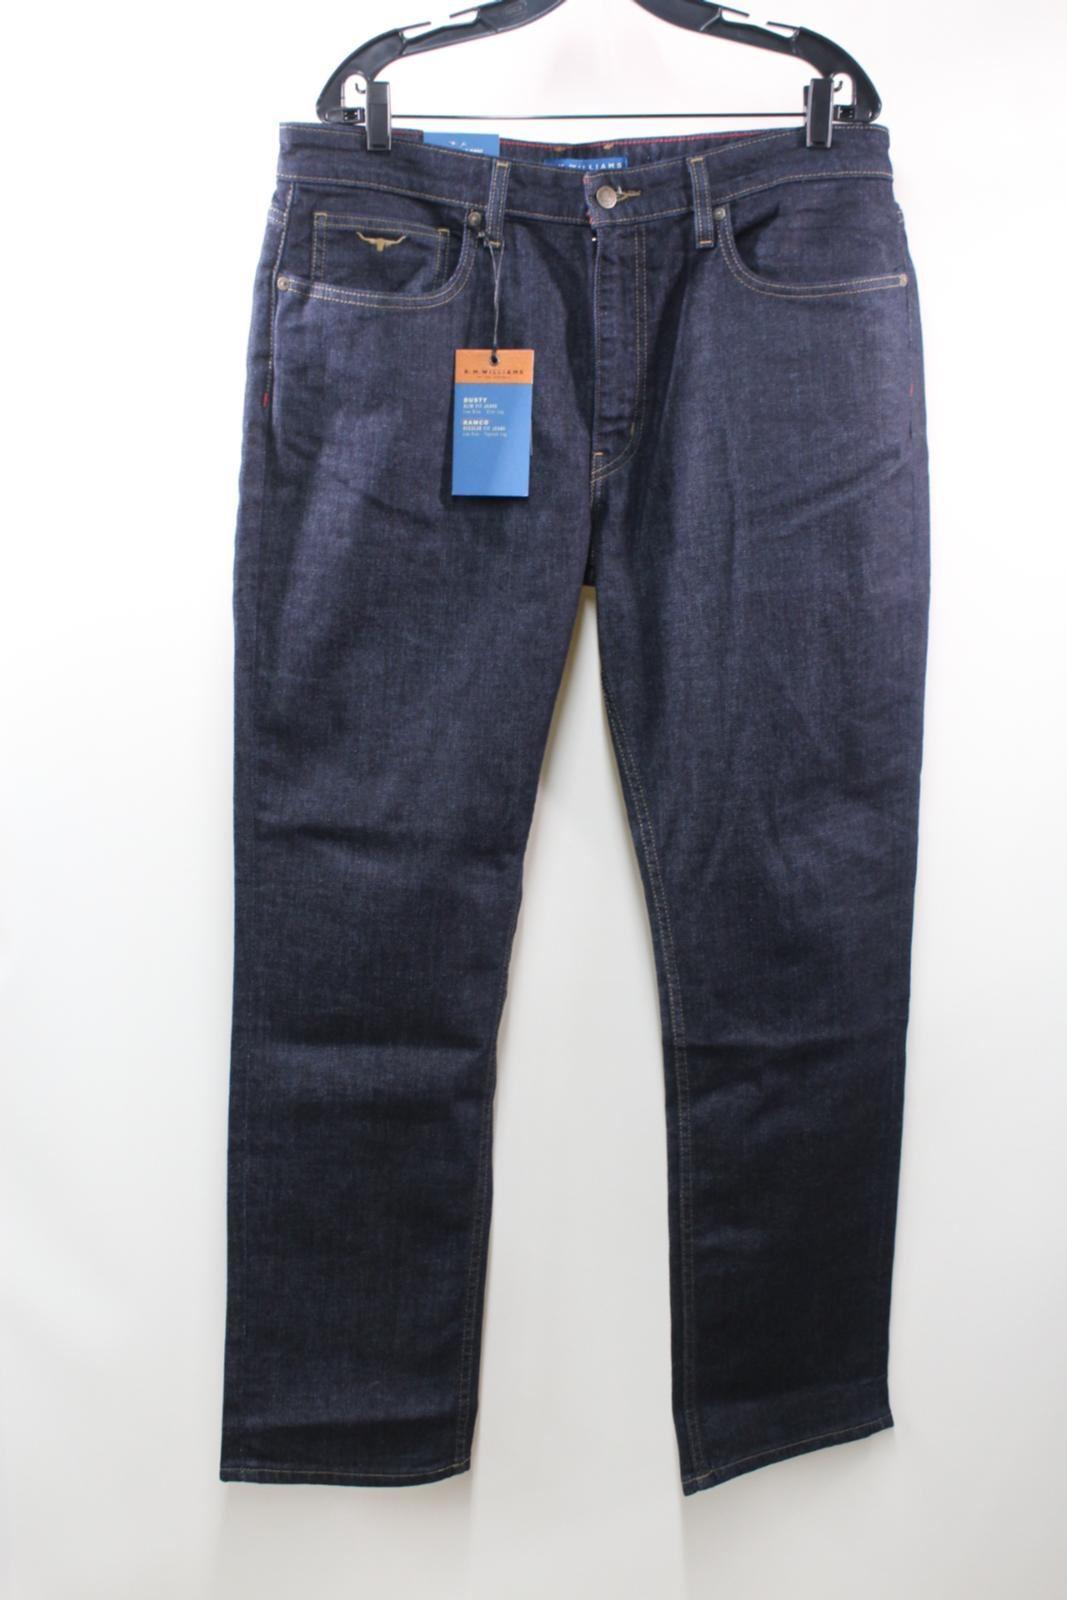 BNWT R.M. WILLIAMS Men's Dark Blau Taperot Leg Low Rise Denim Jeans W38 L32